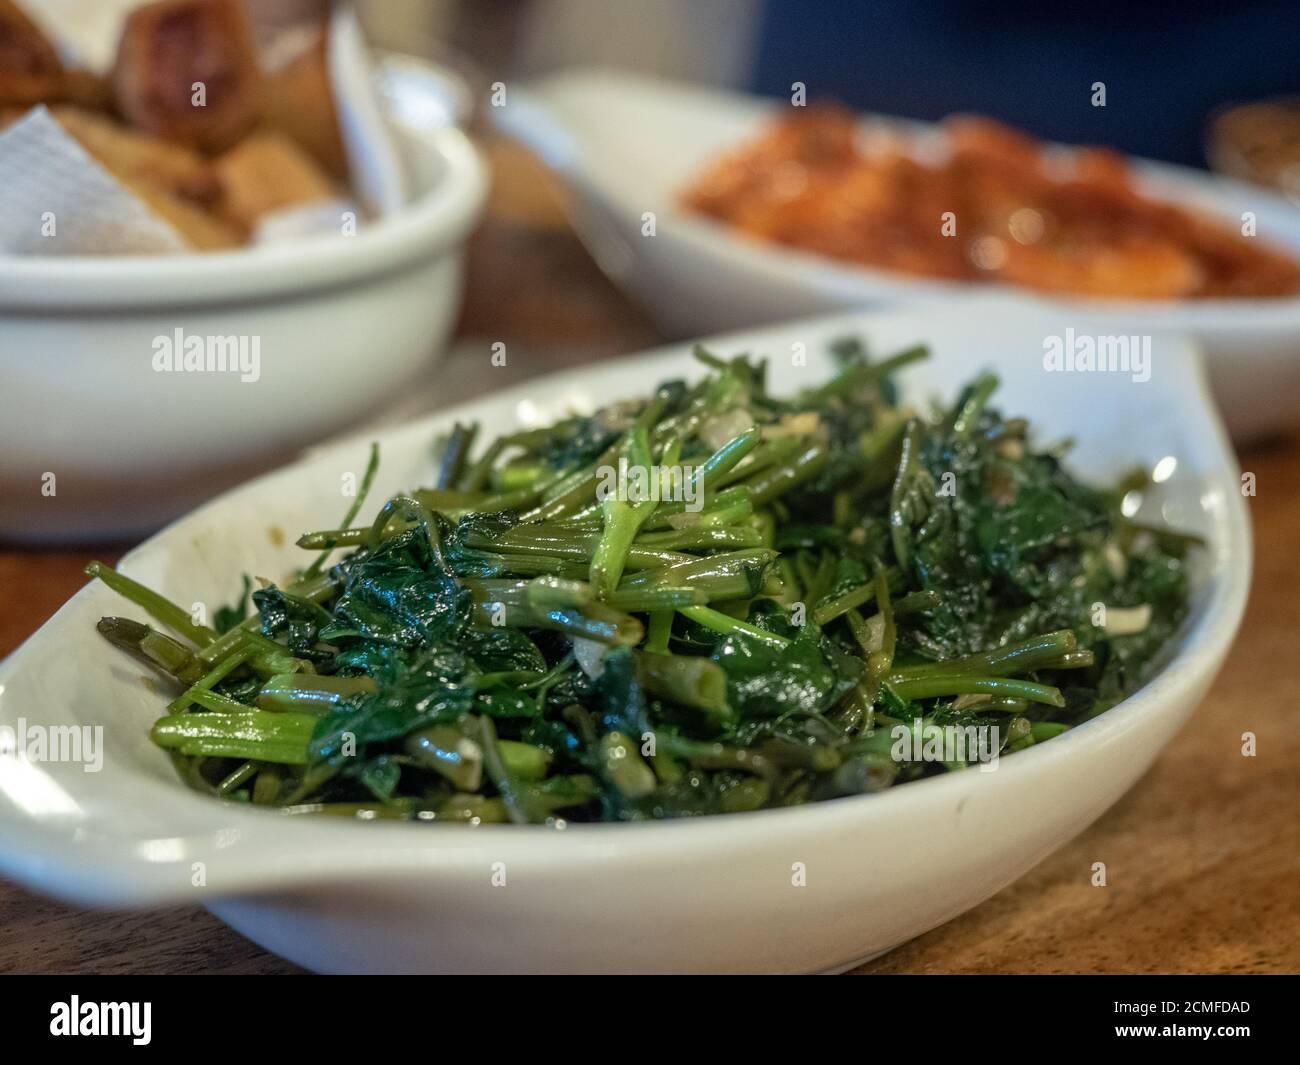 Kangkong High Resolution Stock Photography And Images Alamy